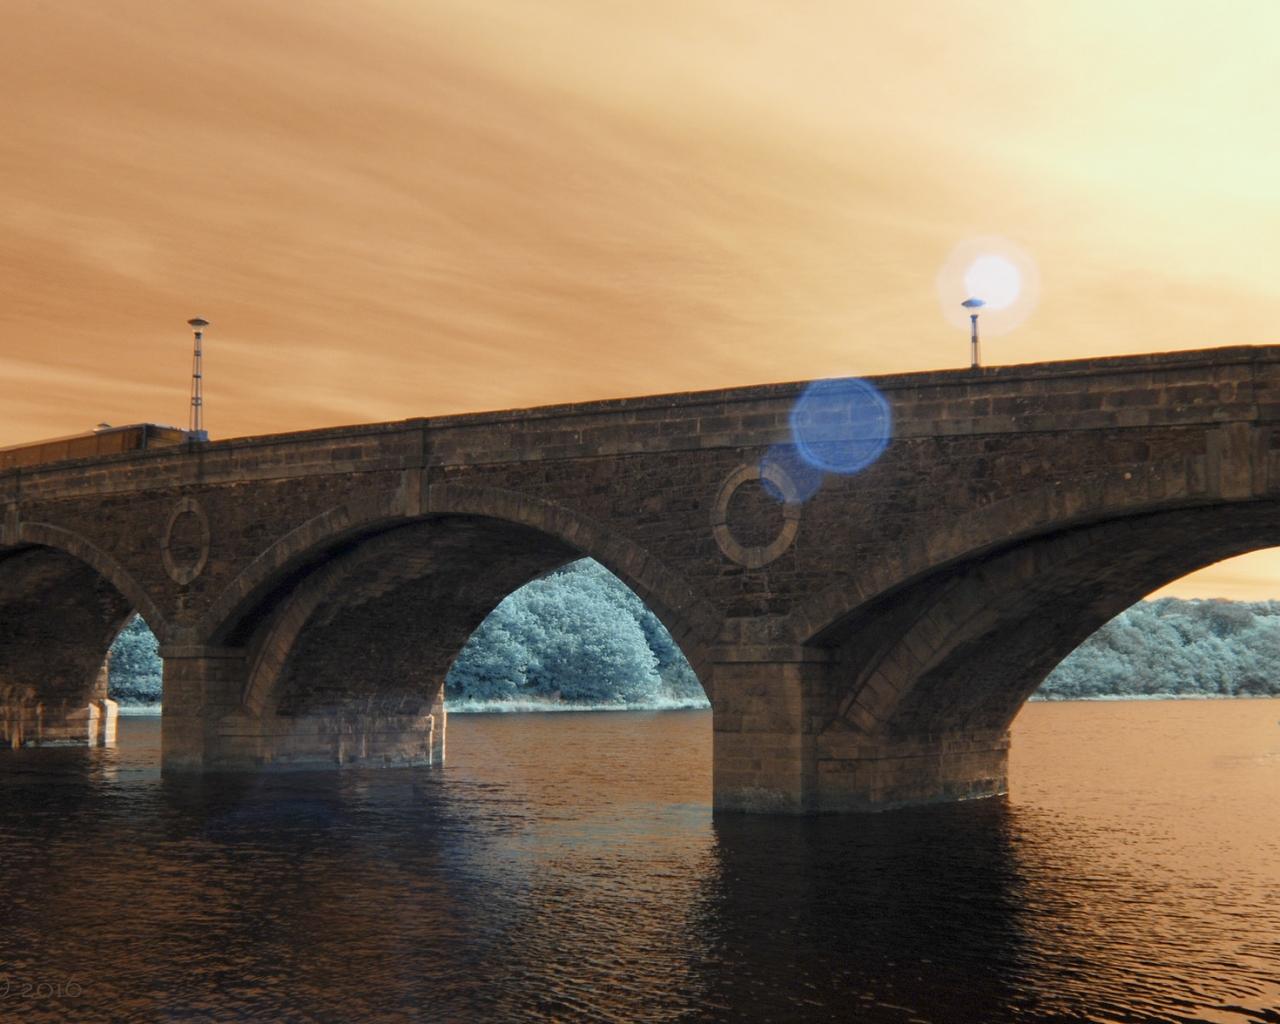 Puentes y puestas de sol - 1280x1024